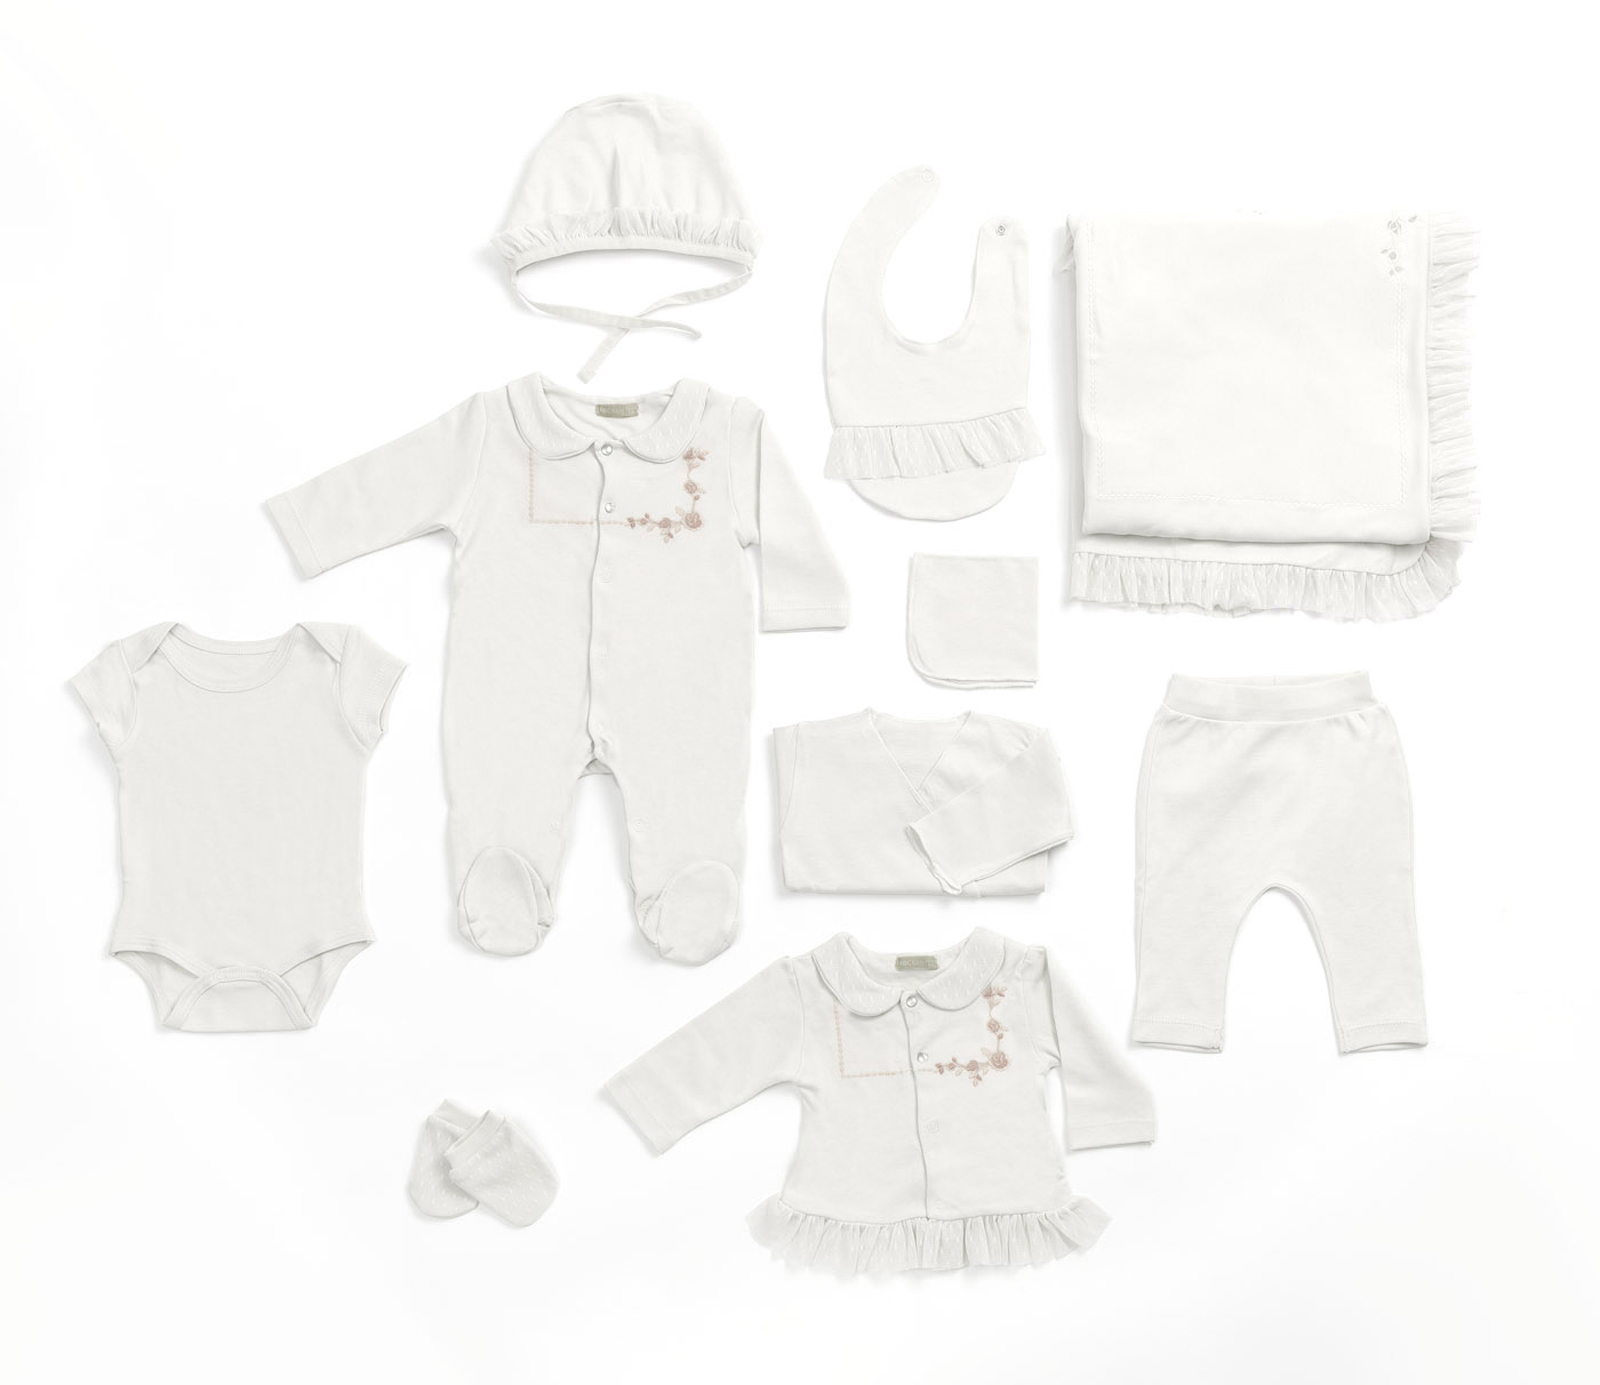 Комплект одежды для новорожденного RBC МЛ 427332 кремовый р.onesize